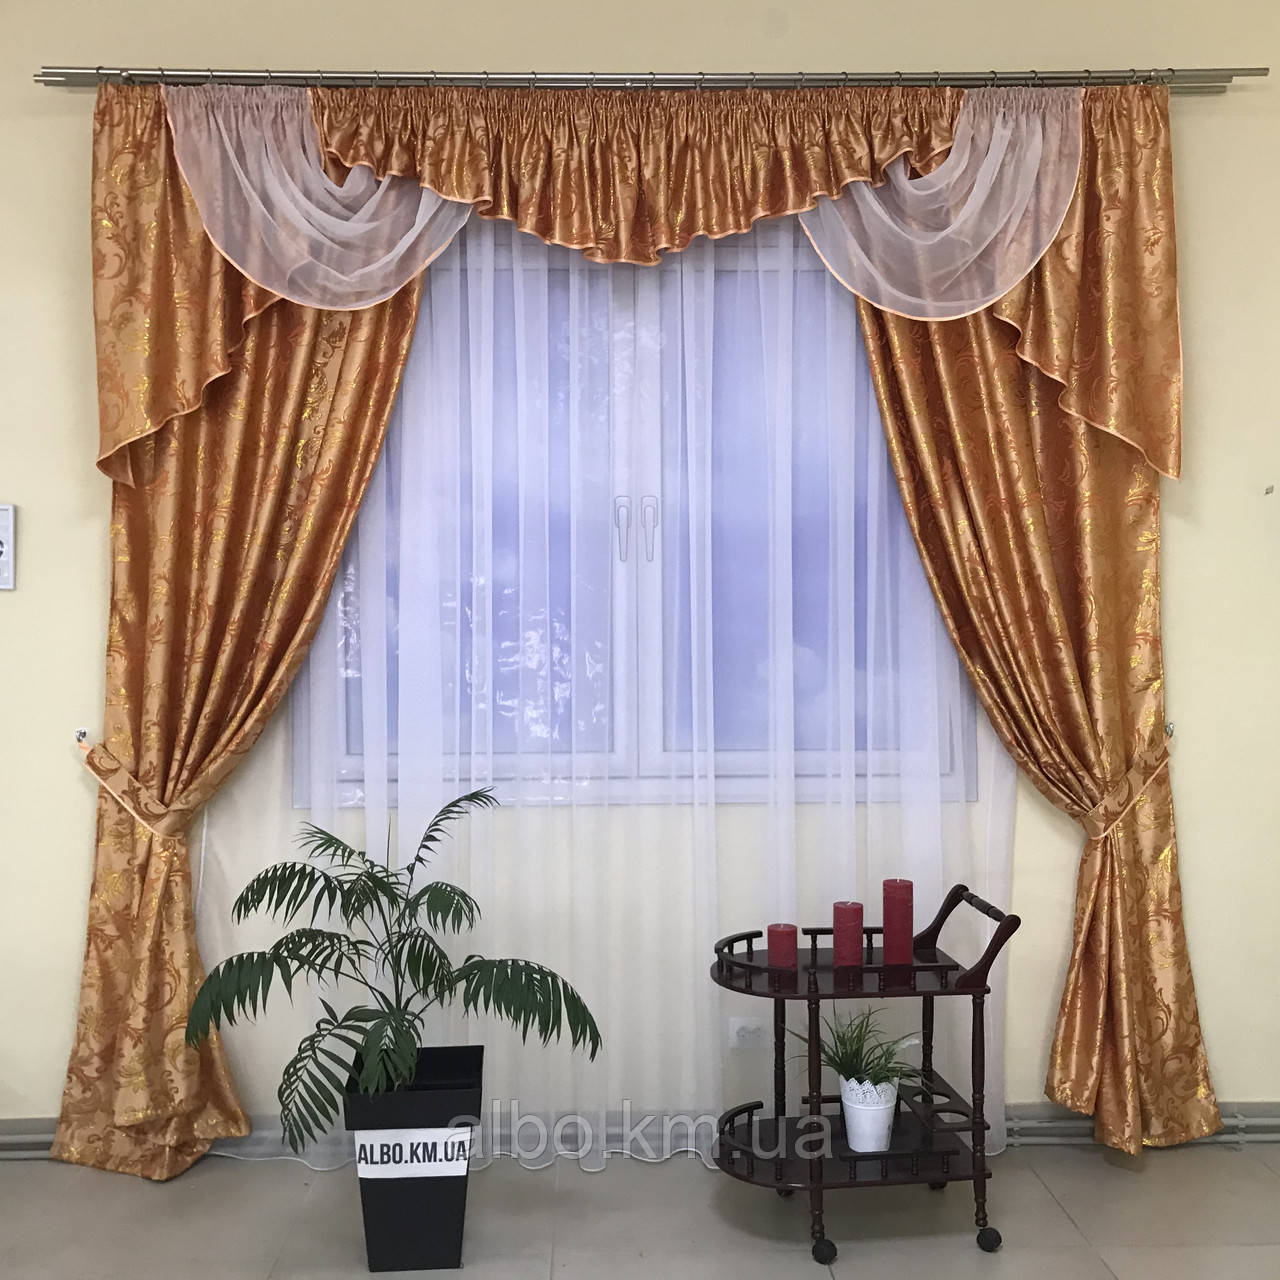 Готовые шторы на кухню ALBO 150х270cm (2шт) и ламбрекен на карниз 300-350 cm Персиковый (LS210-17)